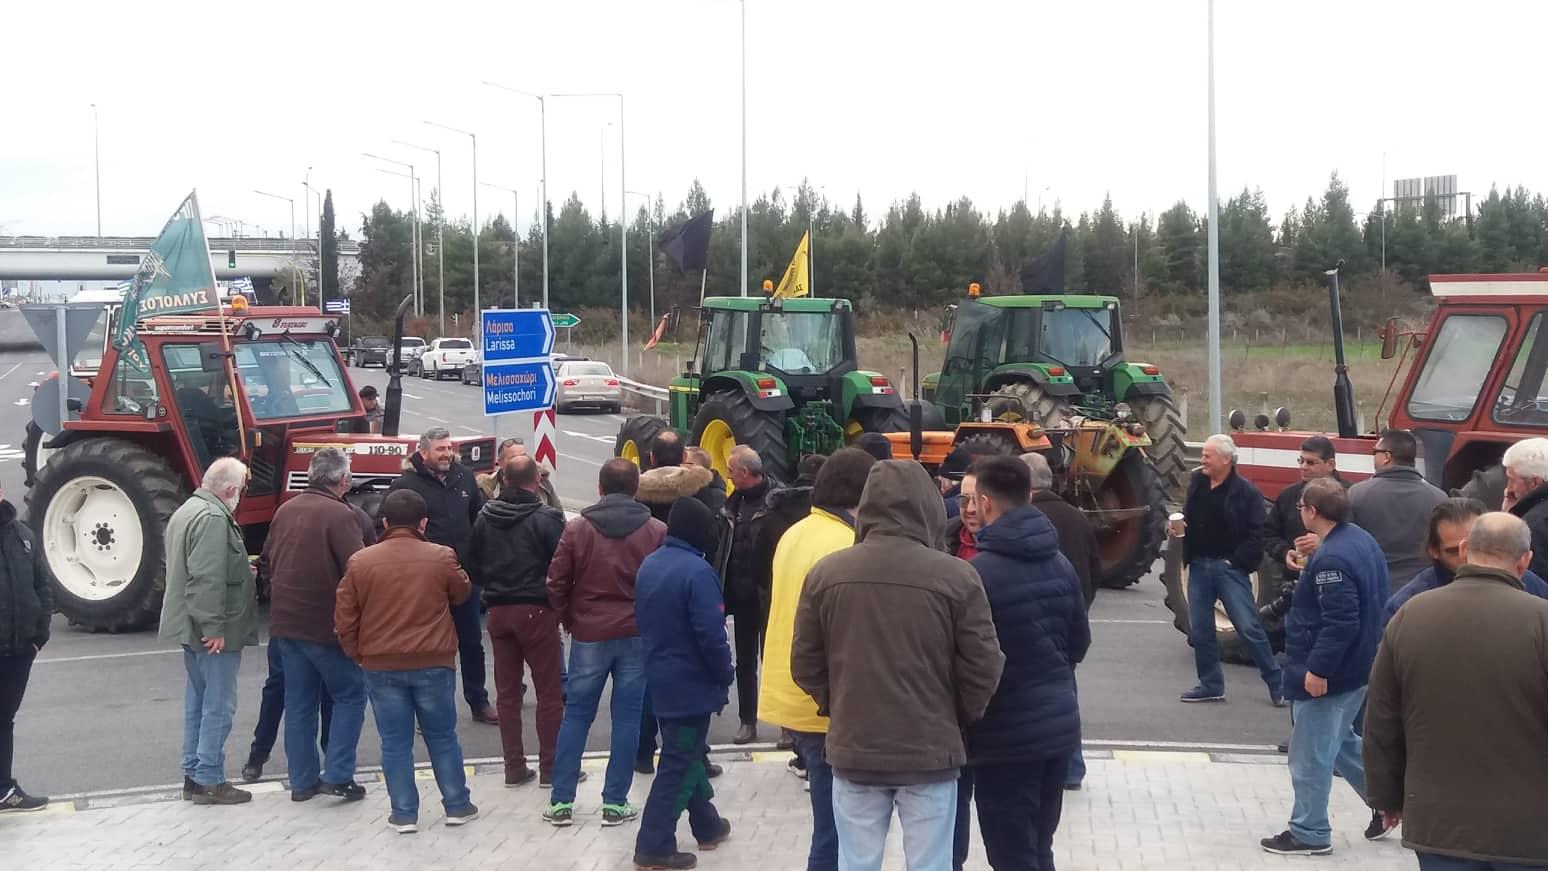 Έκλεισαν τον κόμβο Πλατυκάμπου οι αγρότες - Την Πέμπτη το ραντεβού με το κυβερνητικό κλιμάκιο (φωτό)